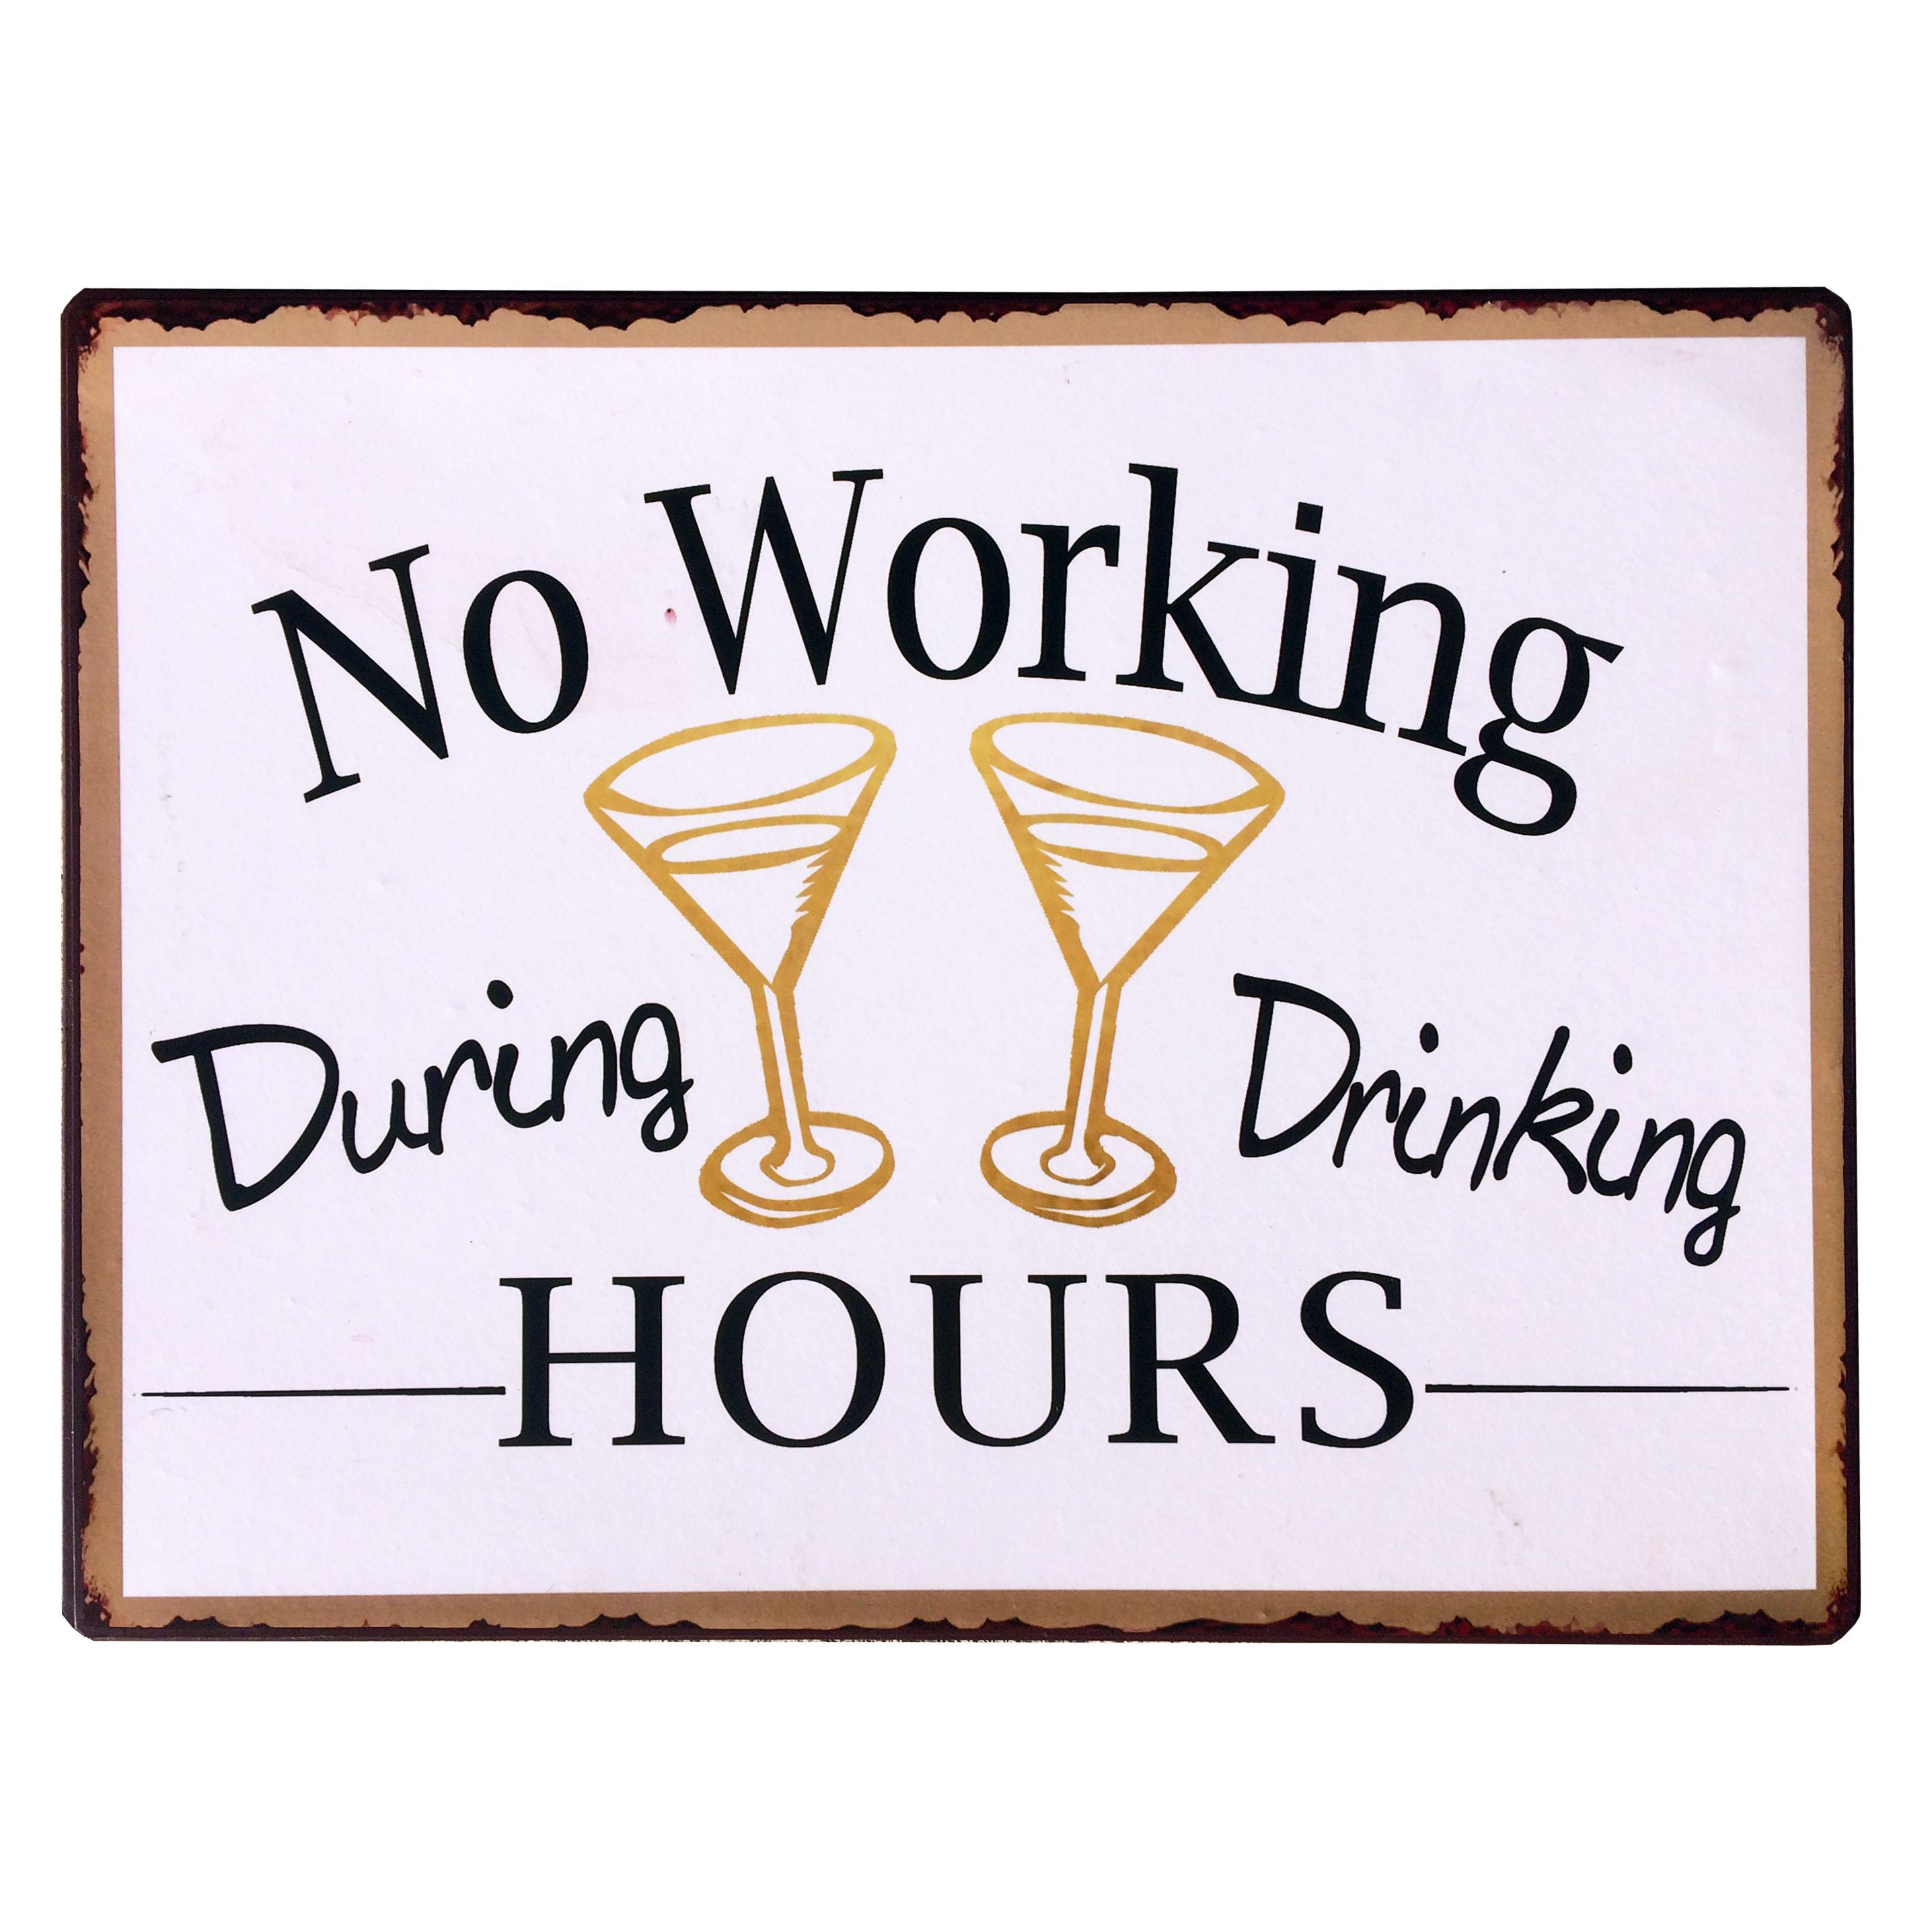 em5463-no working during drinking hours-rustiek-tekst-bord-cadeau-kado-online-metaal-deco-decoratie-